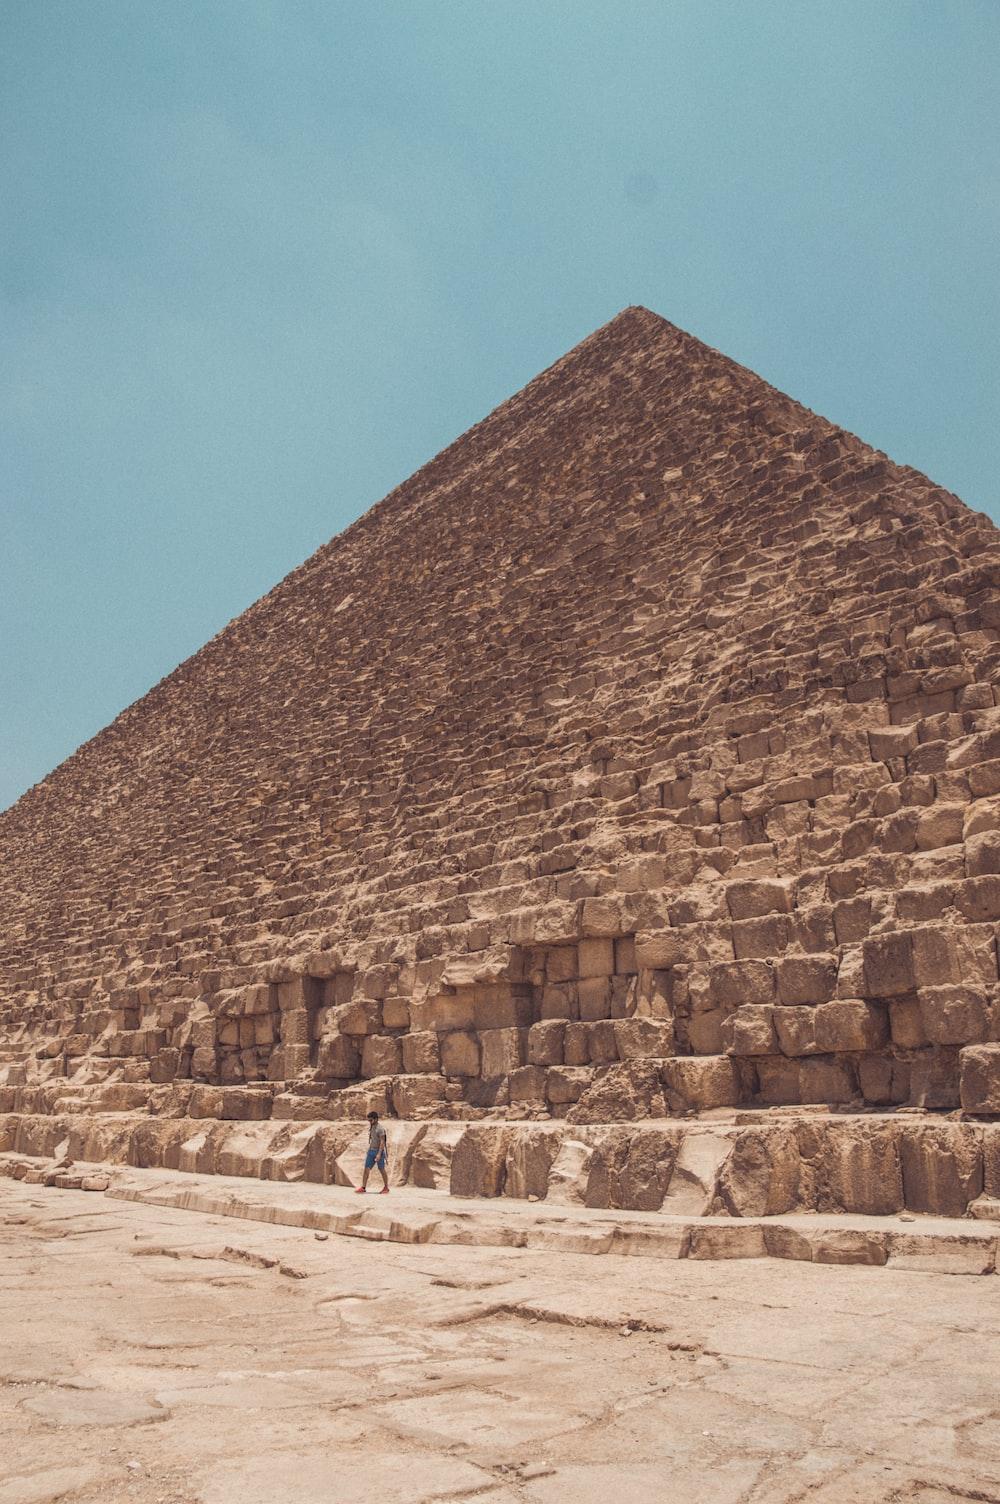 brown pyramid during daytime